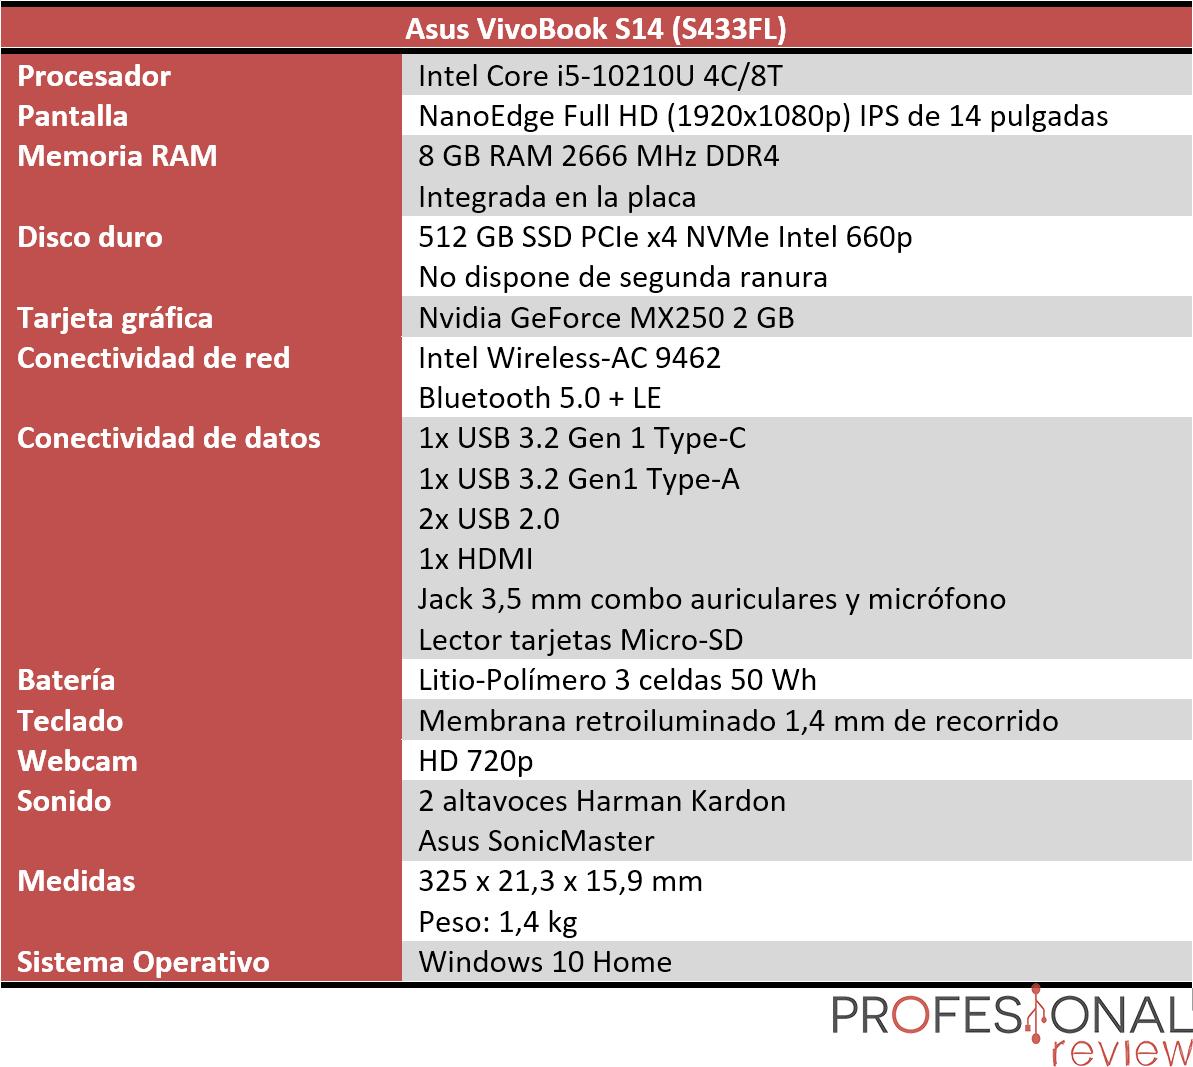 Asus VivoBook S14 Características